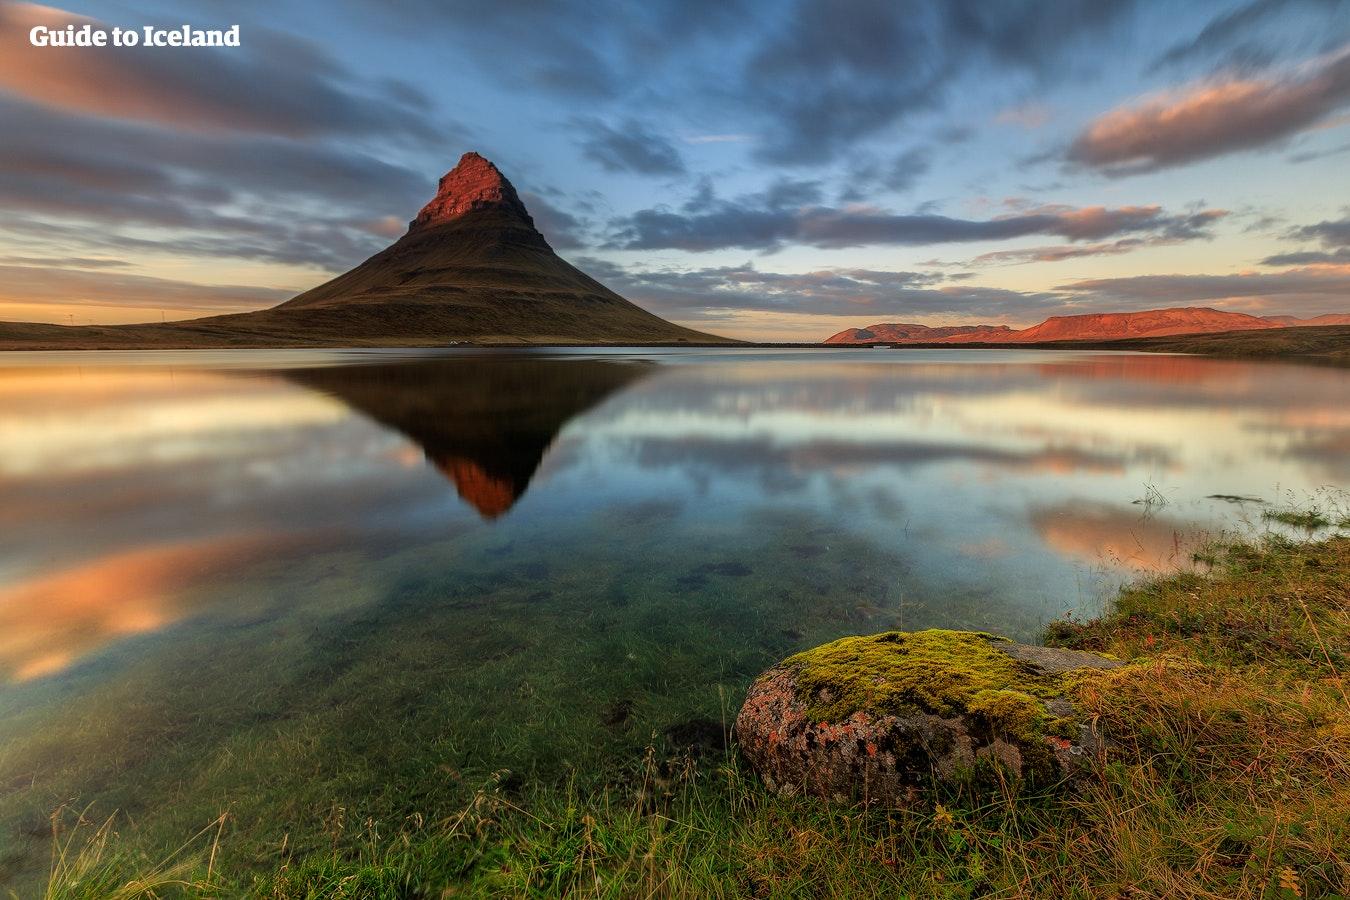 스나이펠스네스 반도는 90 킬로미터 길이로 뻗어 있는 작은 규모의 지역이지만, 아이슬란드 지형적 특징을 곳곳에 잘 가지고 있습니다.